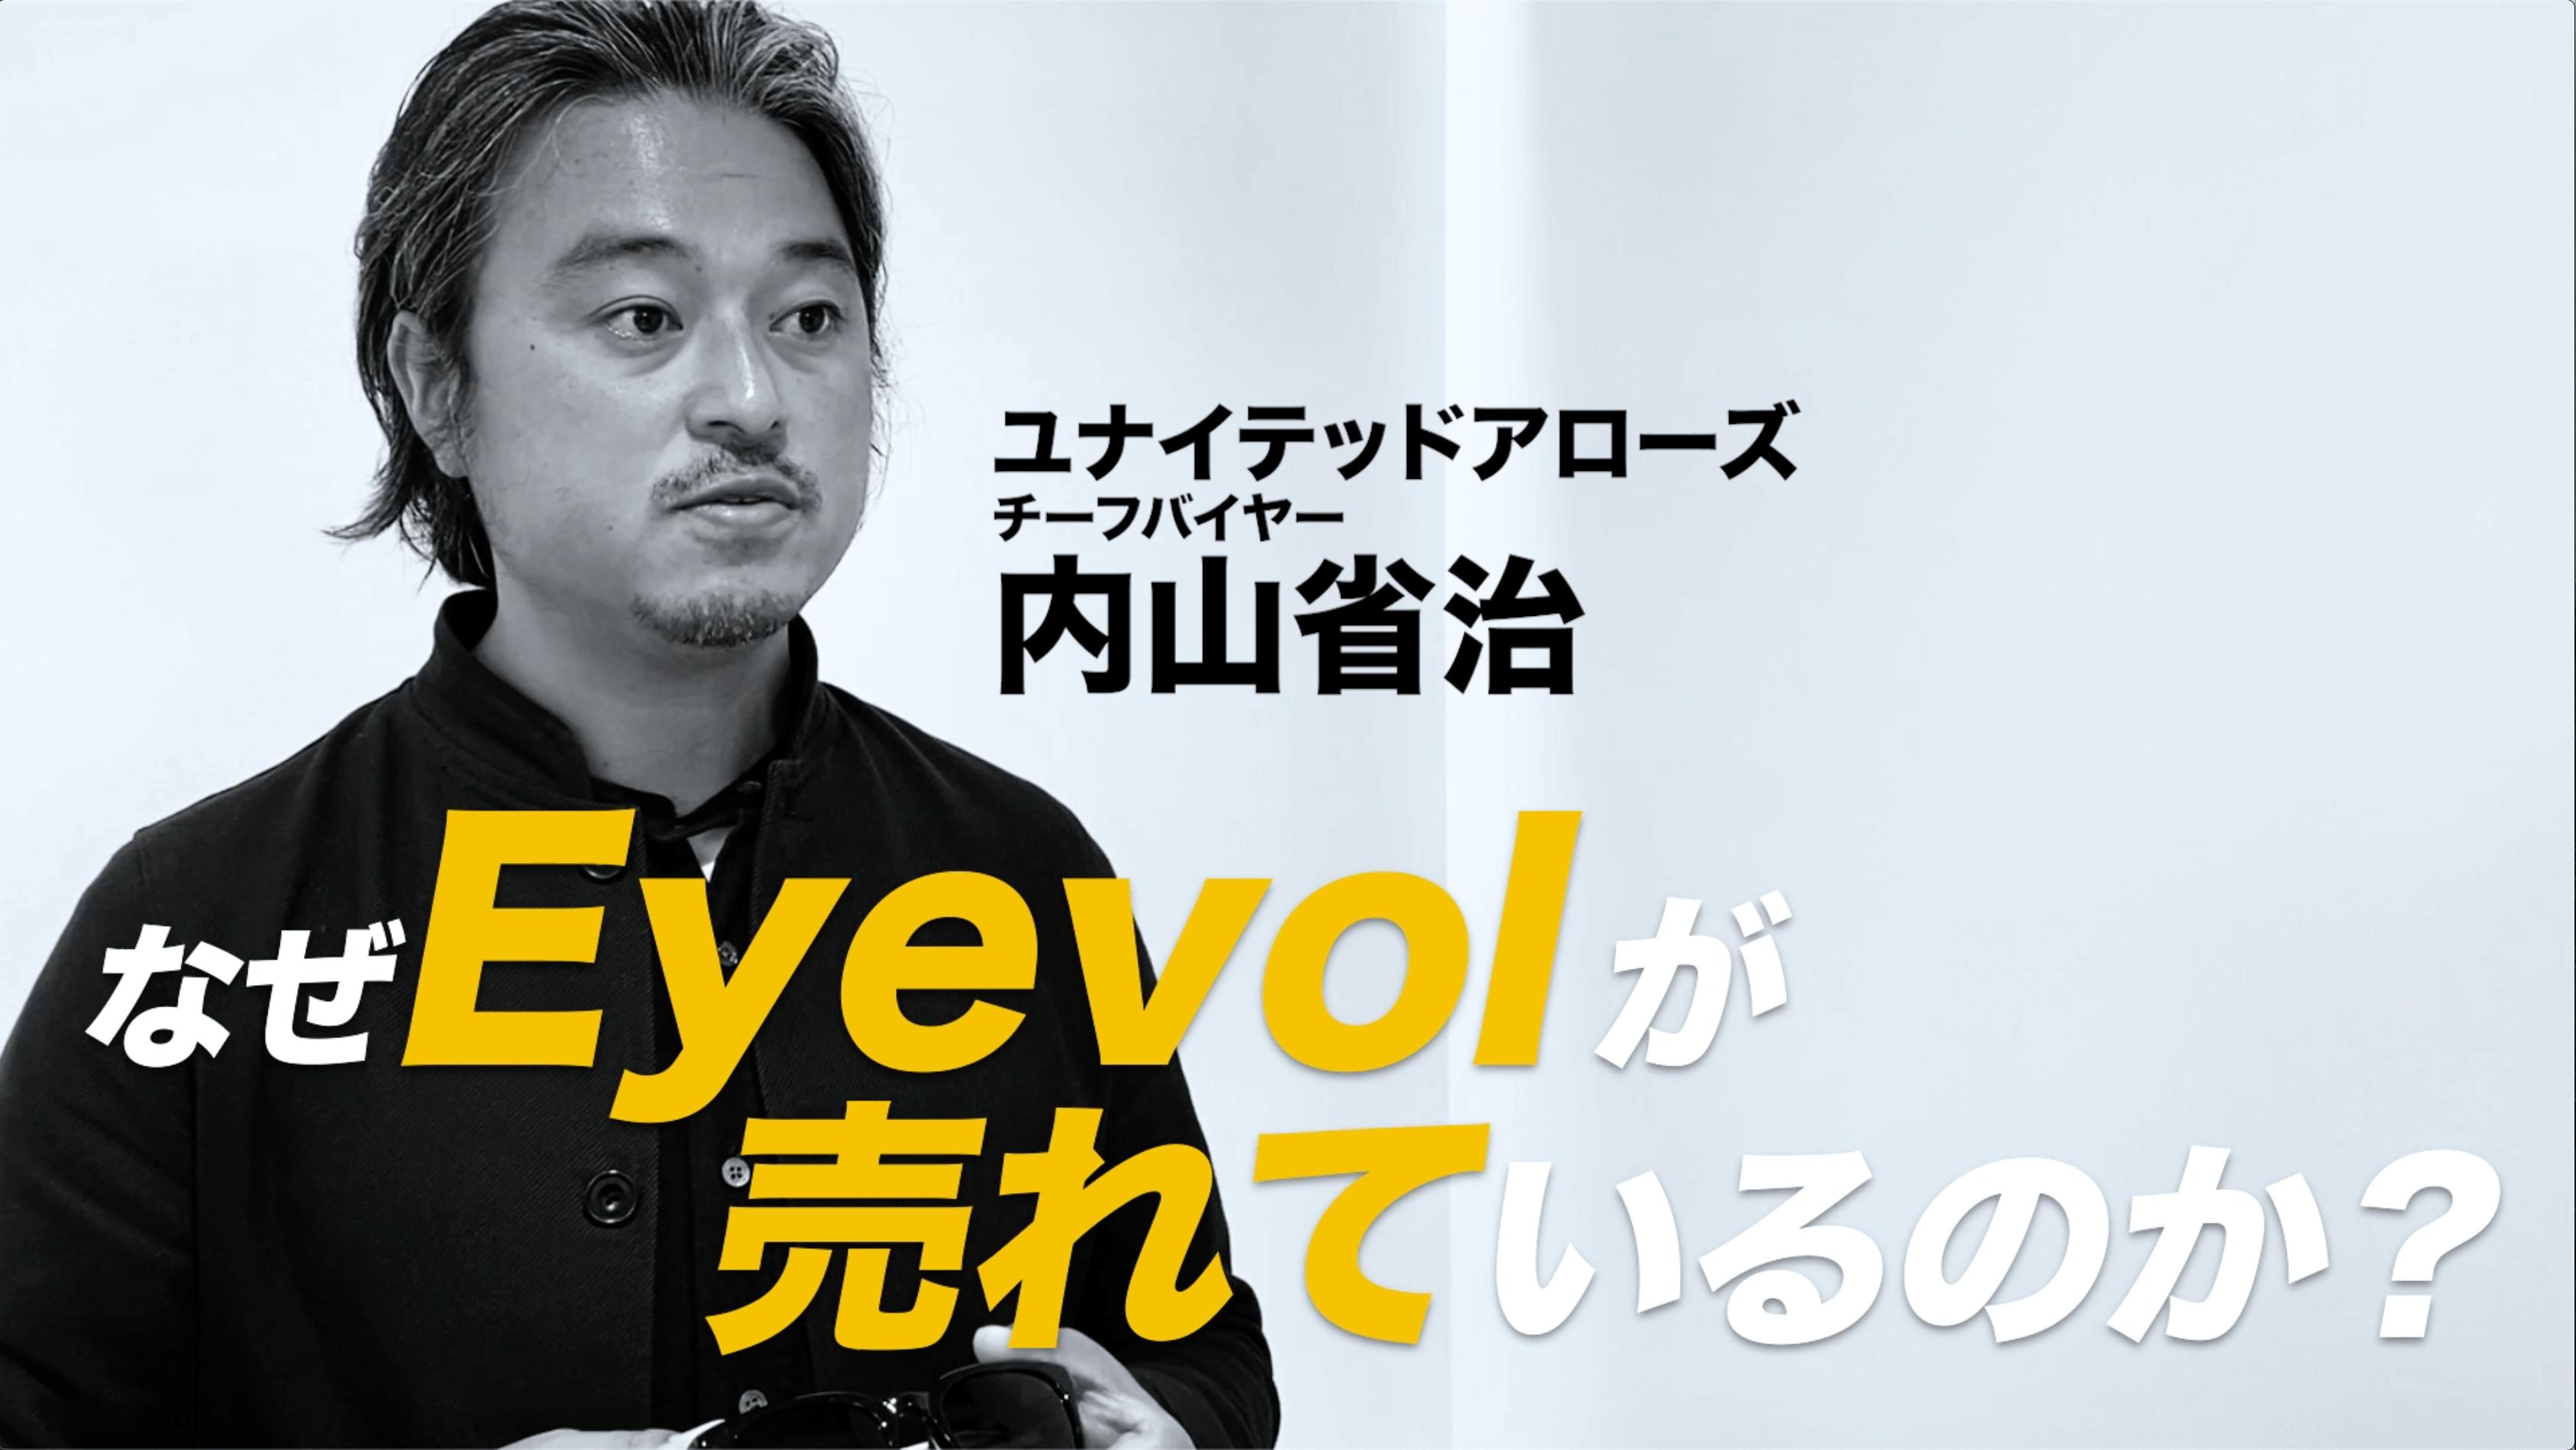 約80万回再生を獲得したスポーツサングラス「Eyevol」の動画ニュースPR